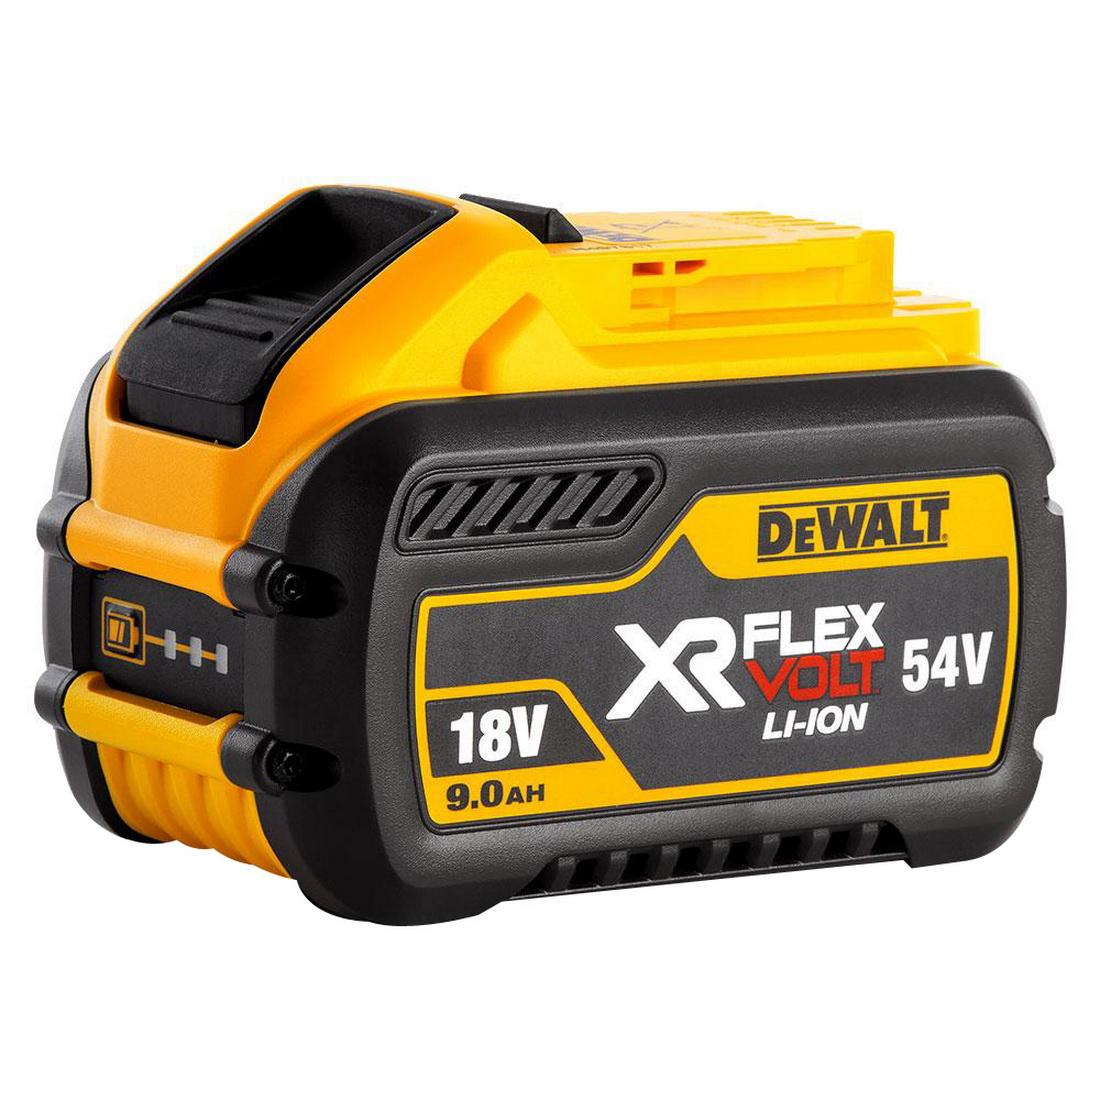 FLEXVOLT 18/54V 9Ah XR Lithium-Ion Battery Pack with Fuel Gauge